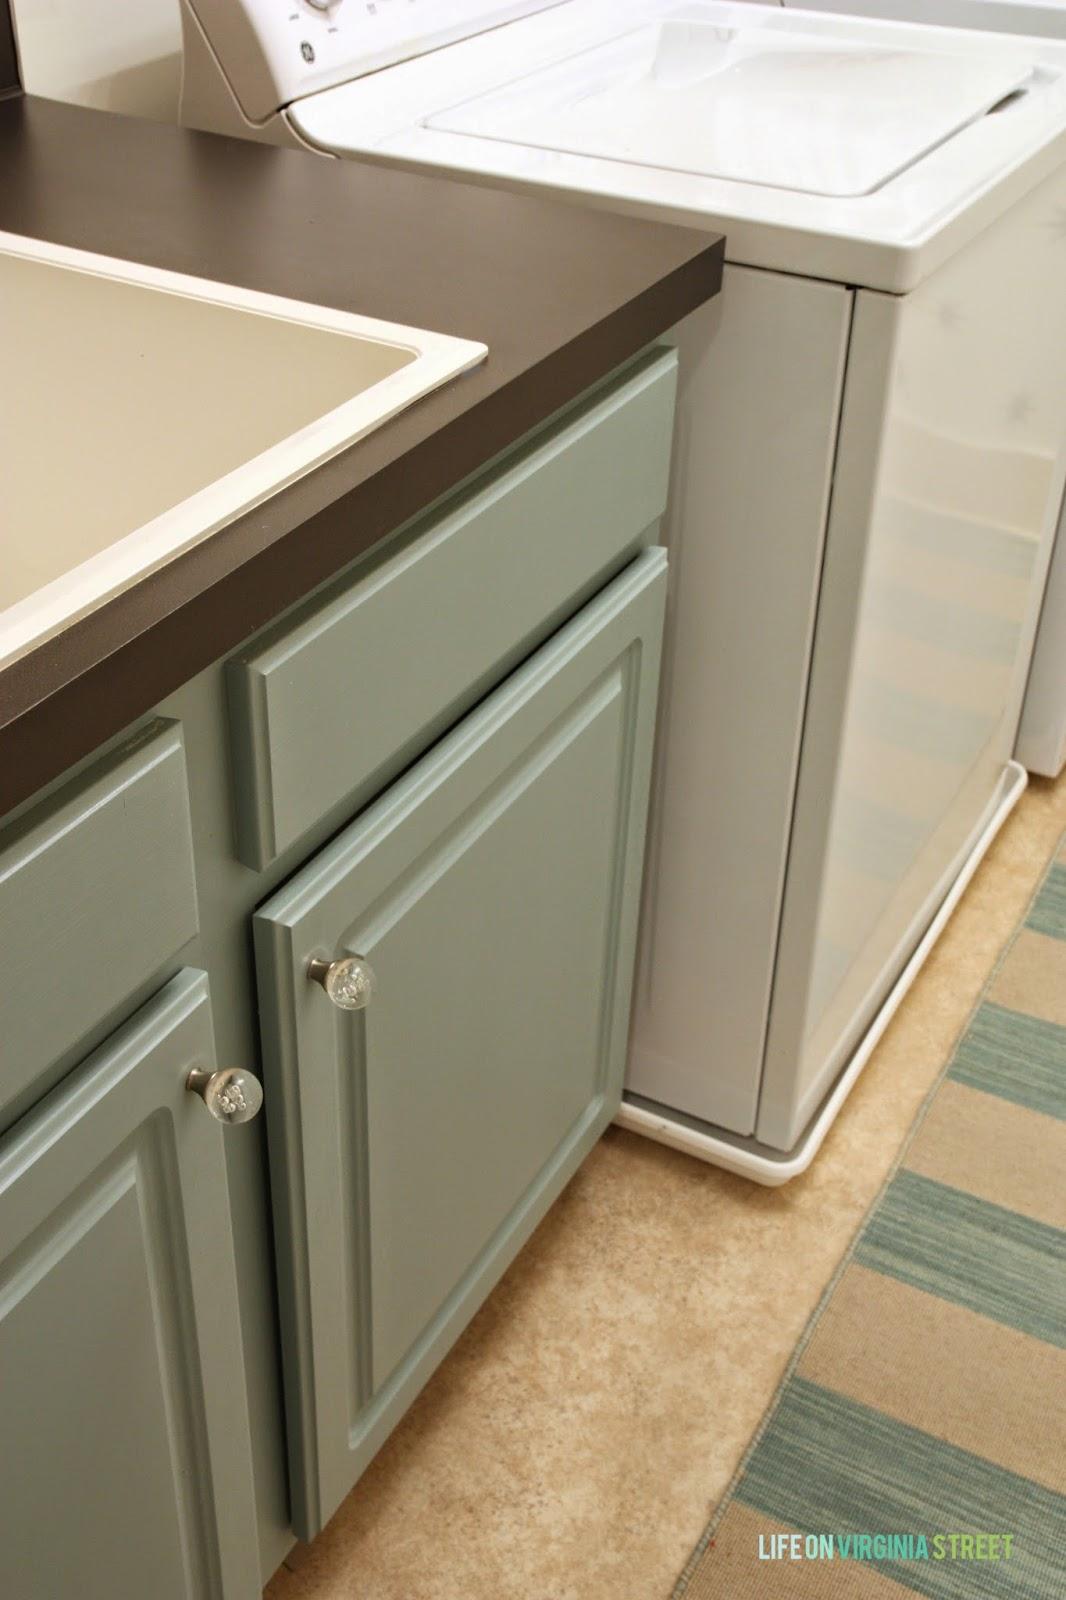 Aqua laundry room cabinets